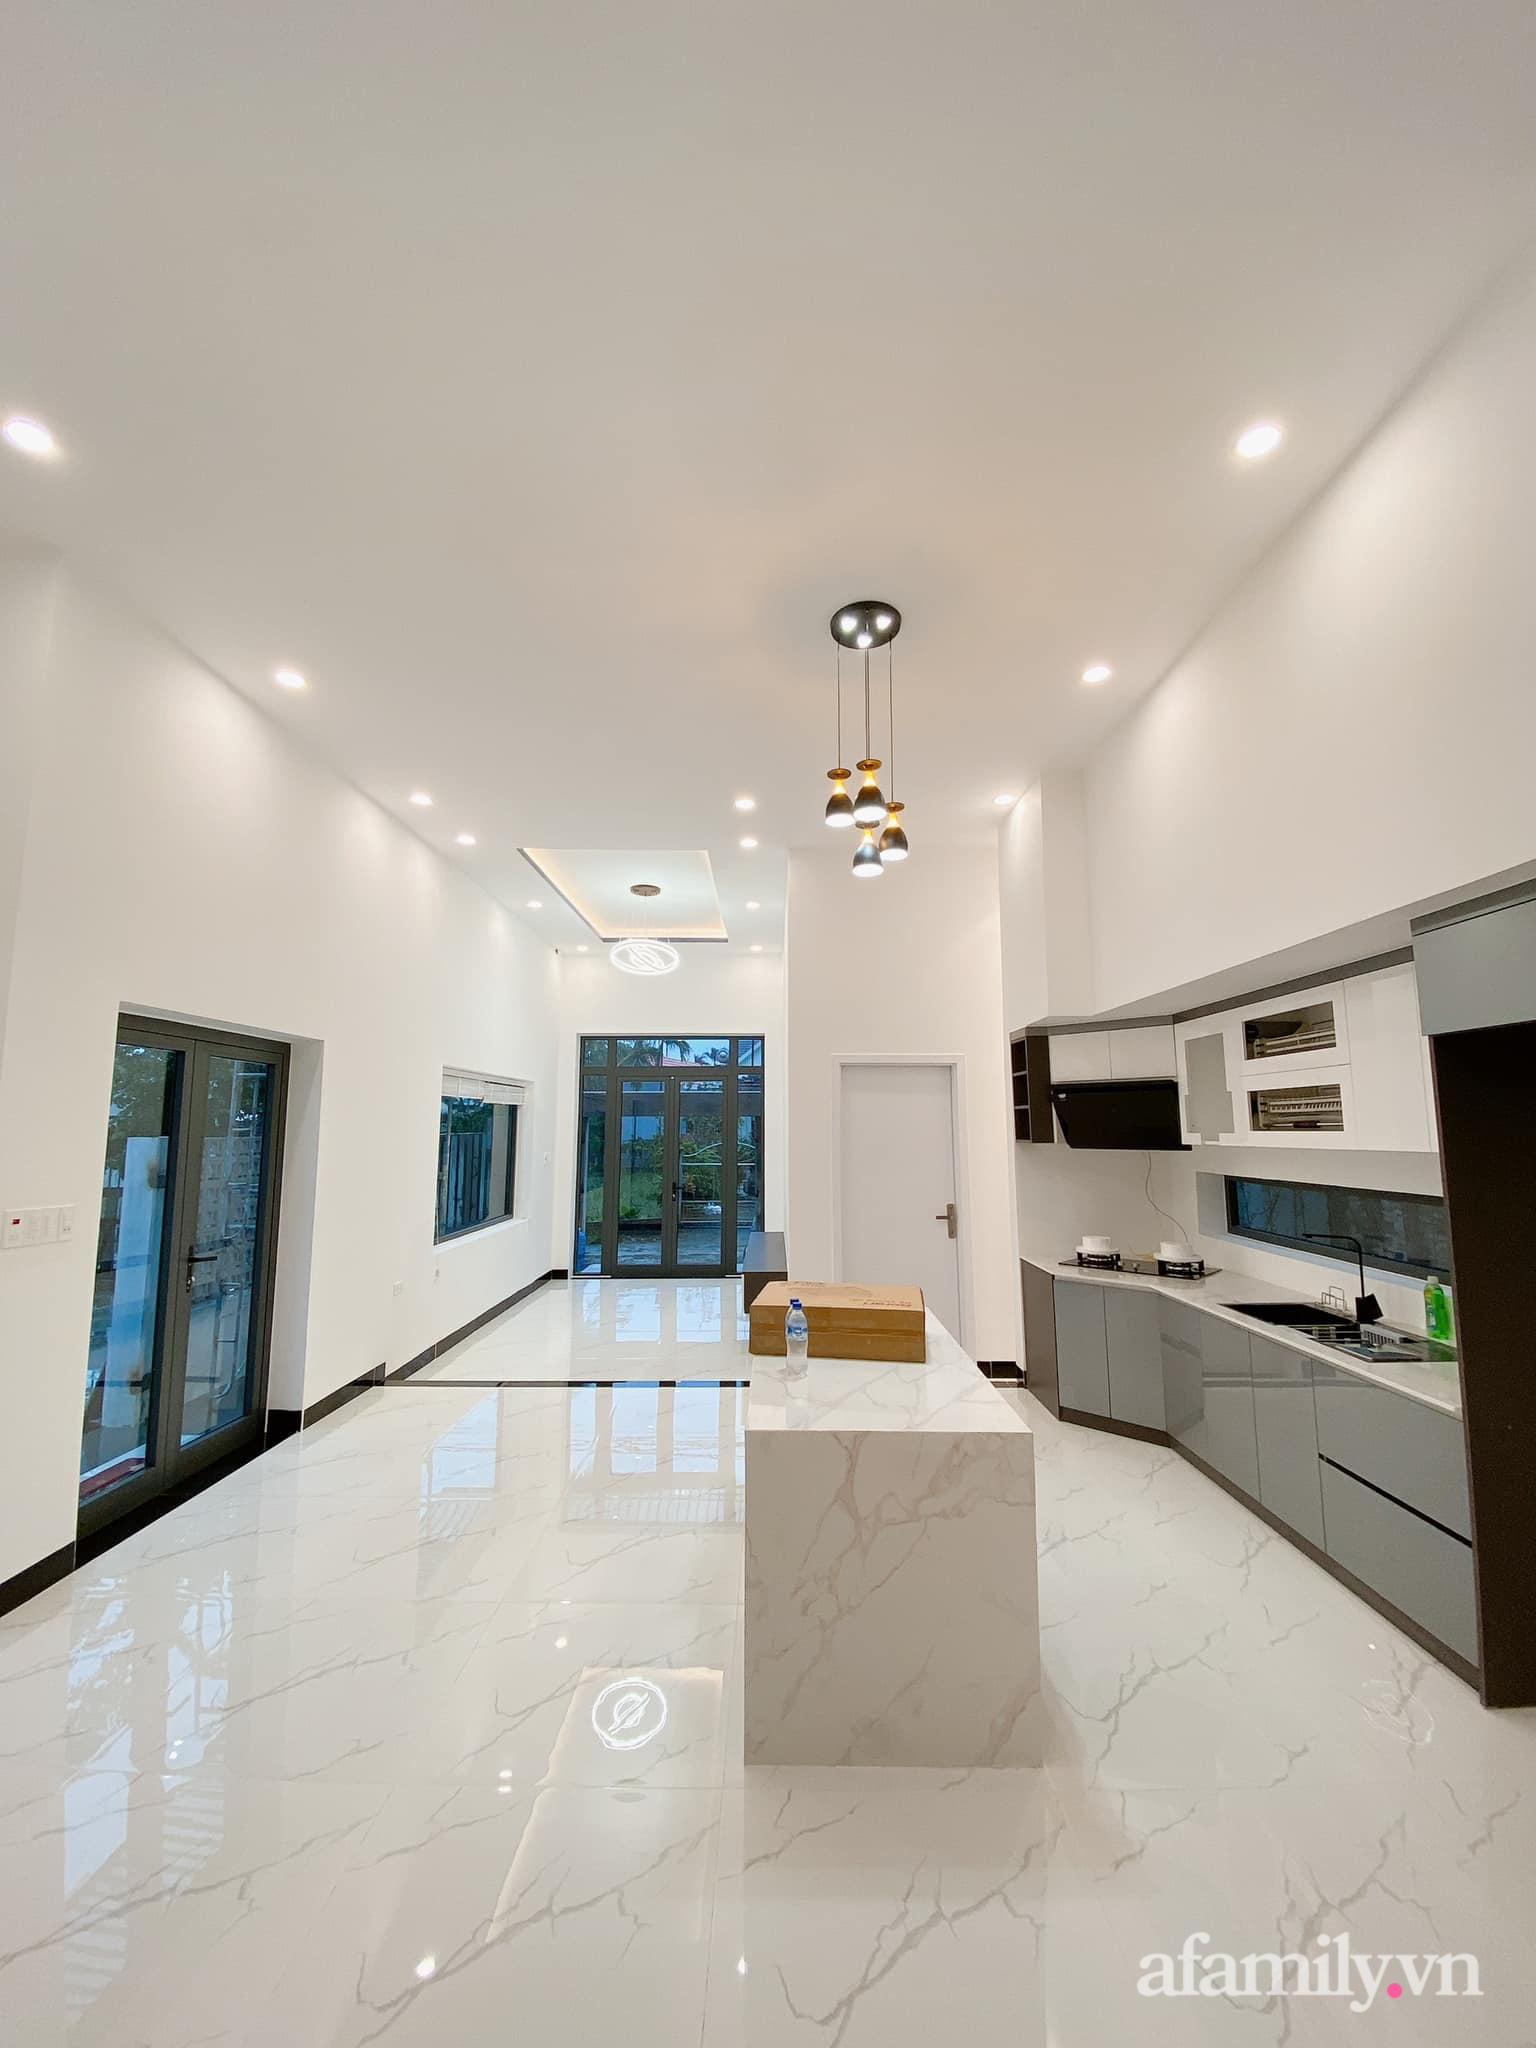 Nhà cấp 4 đầy đủ chức năng hiện đại, tiện ích với tổng chi phí hơn 1 tỷ của gia đình trẻ ở Quảng Ngãi - Ảnh 11.